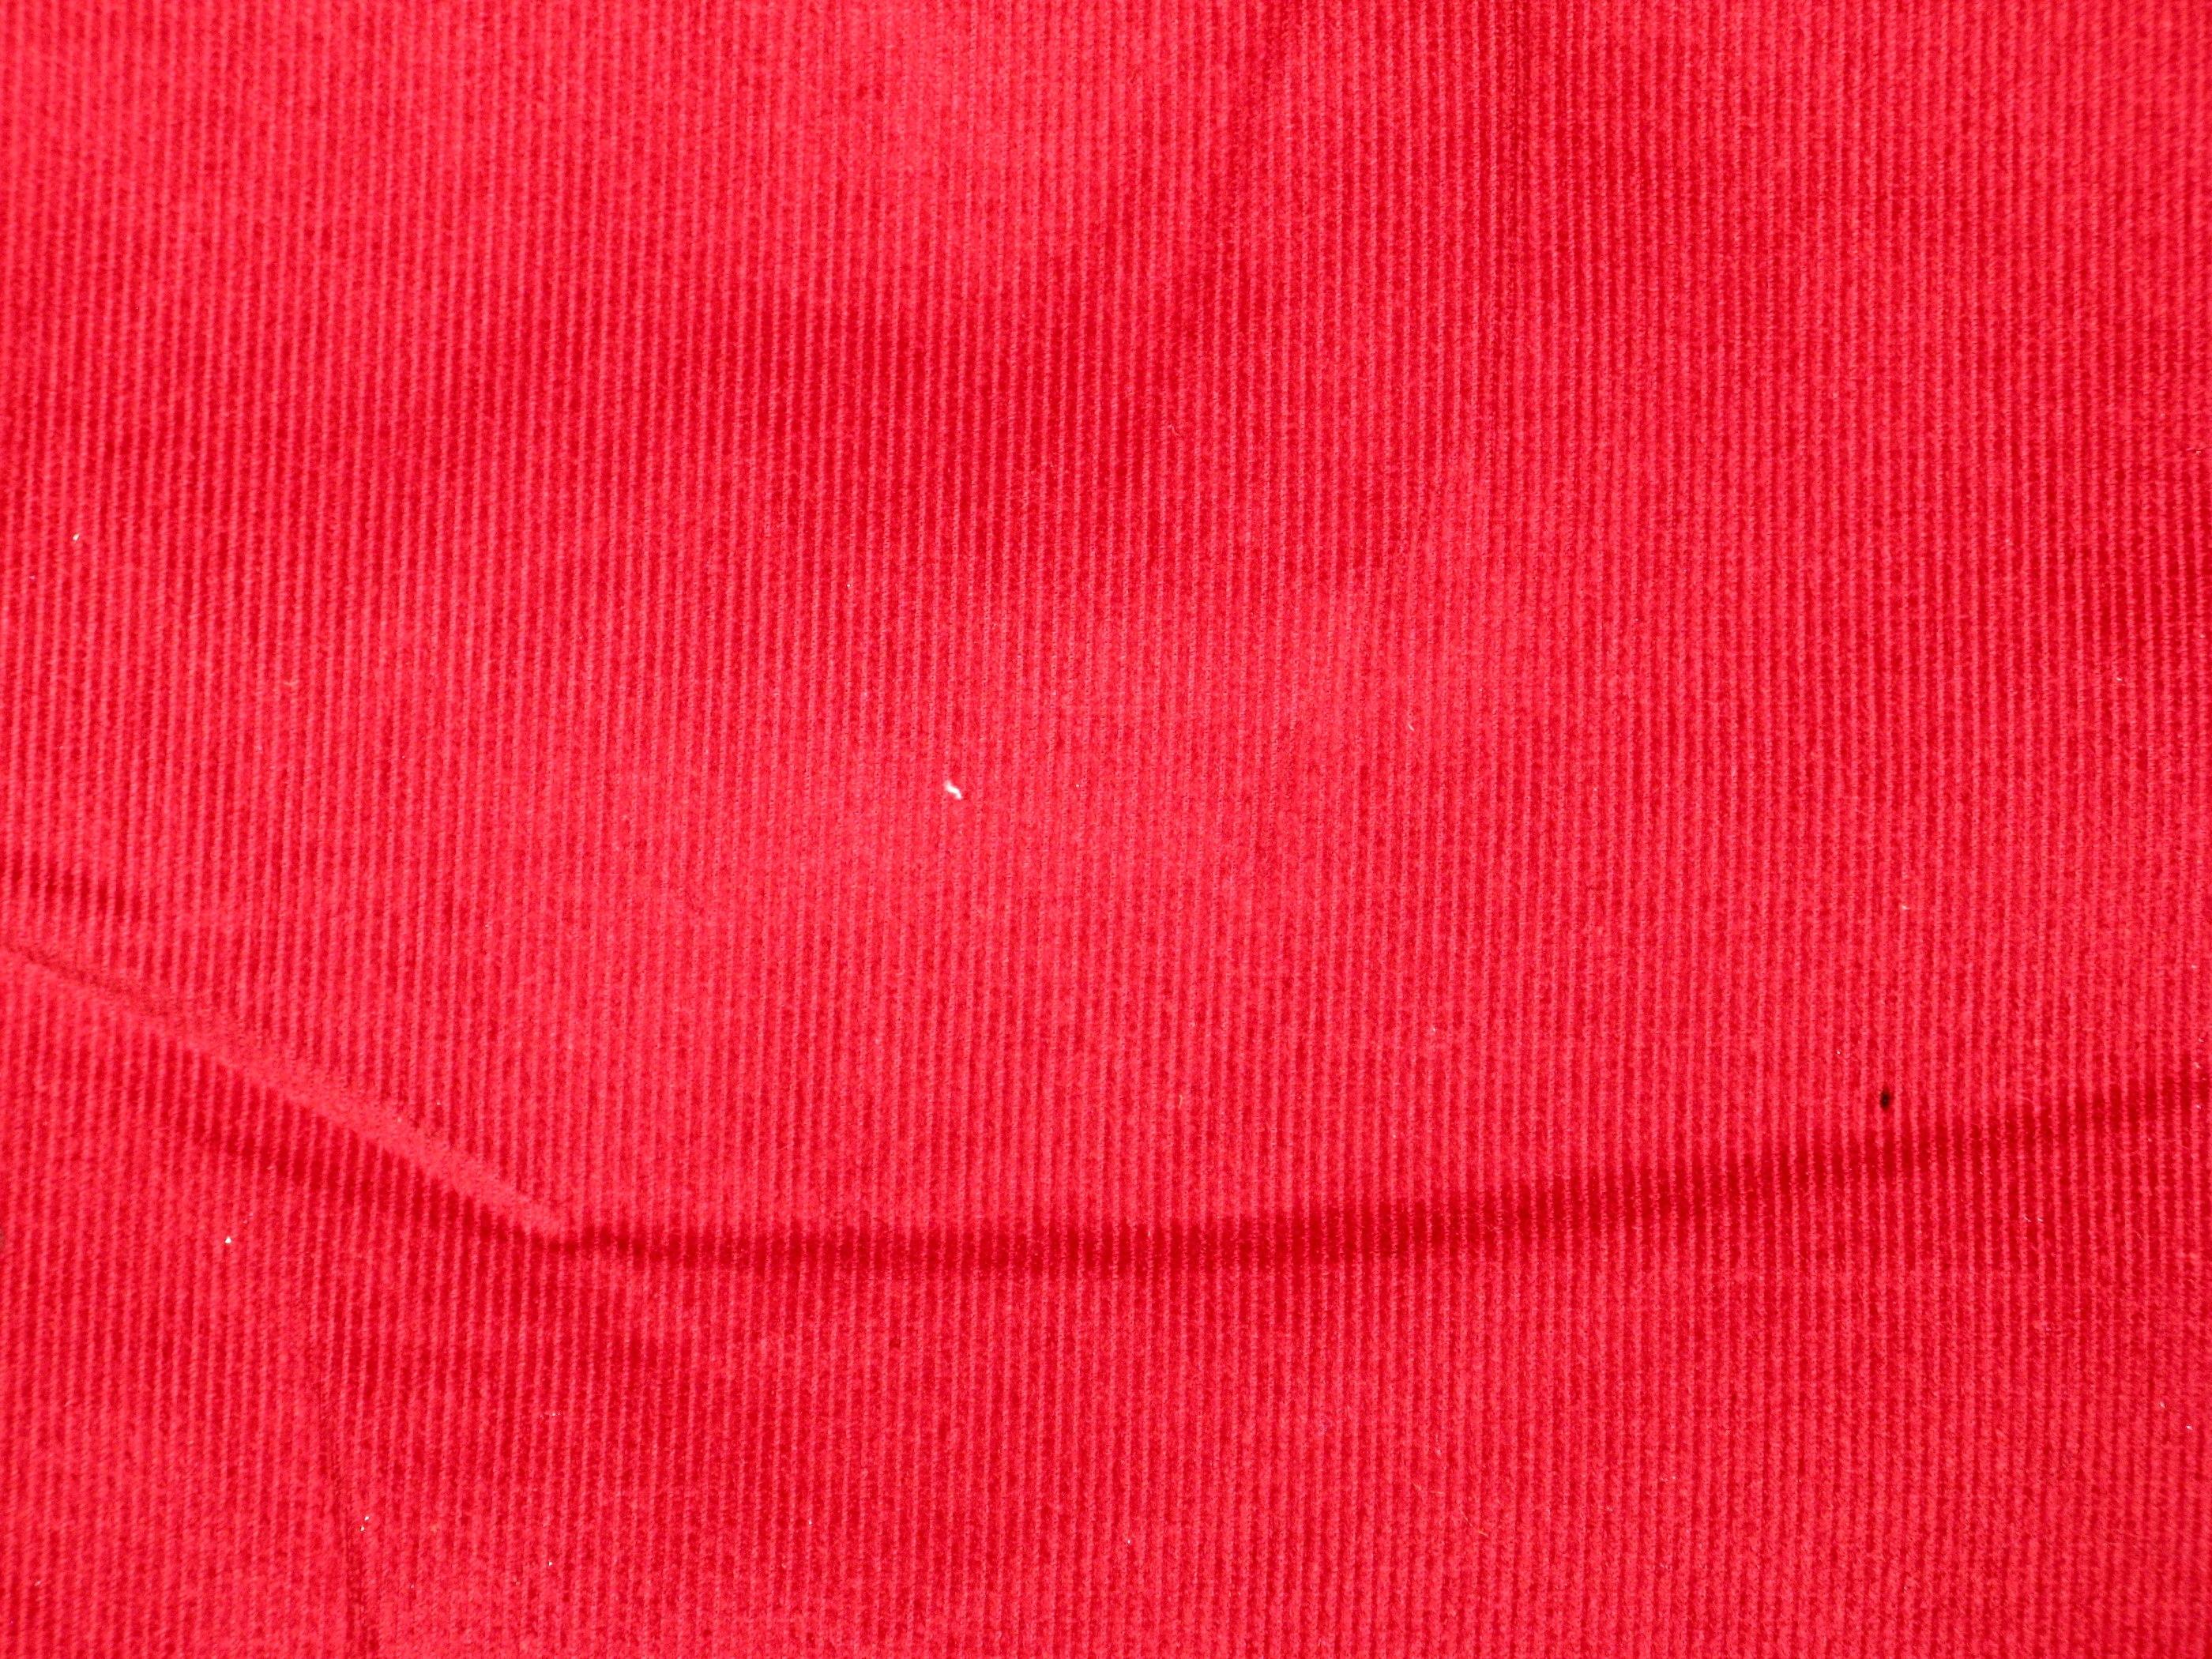 Manchester röd